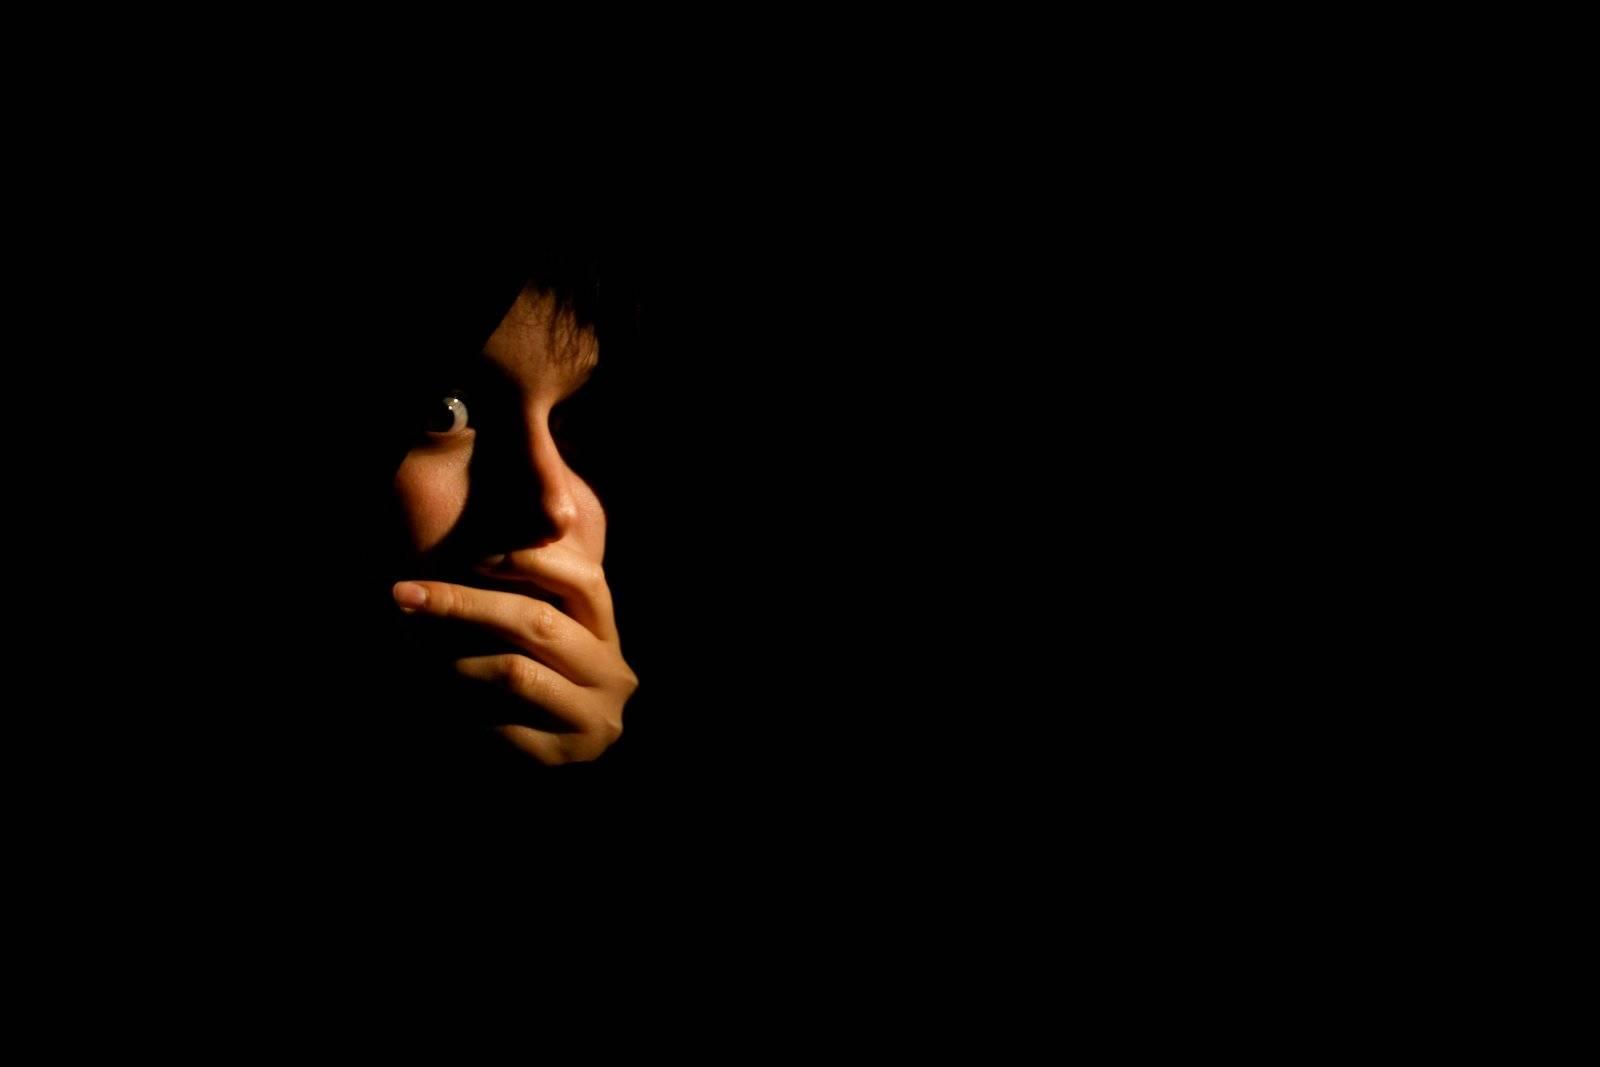 Боязнь темноты: описание никтофобии (скотофобии). польза и вред. как избавиться от страха? причины болезни